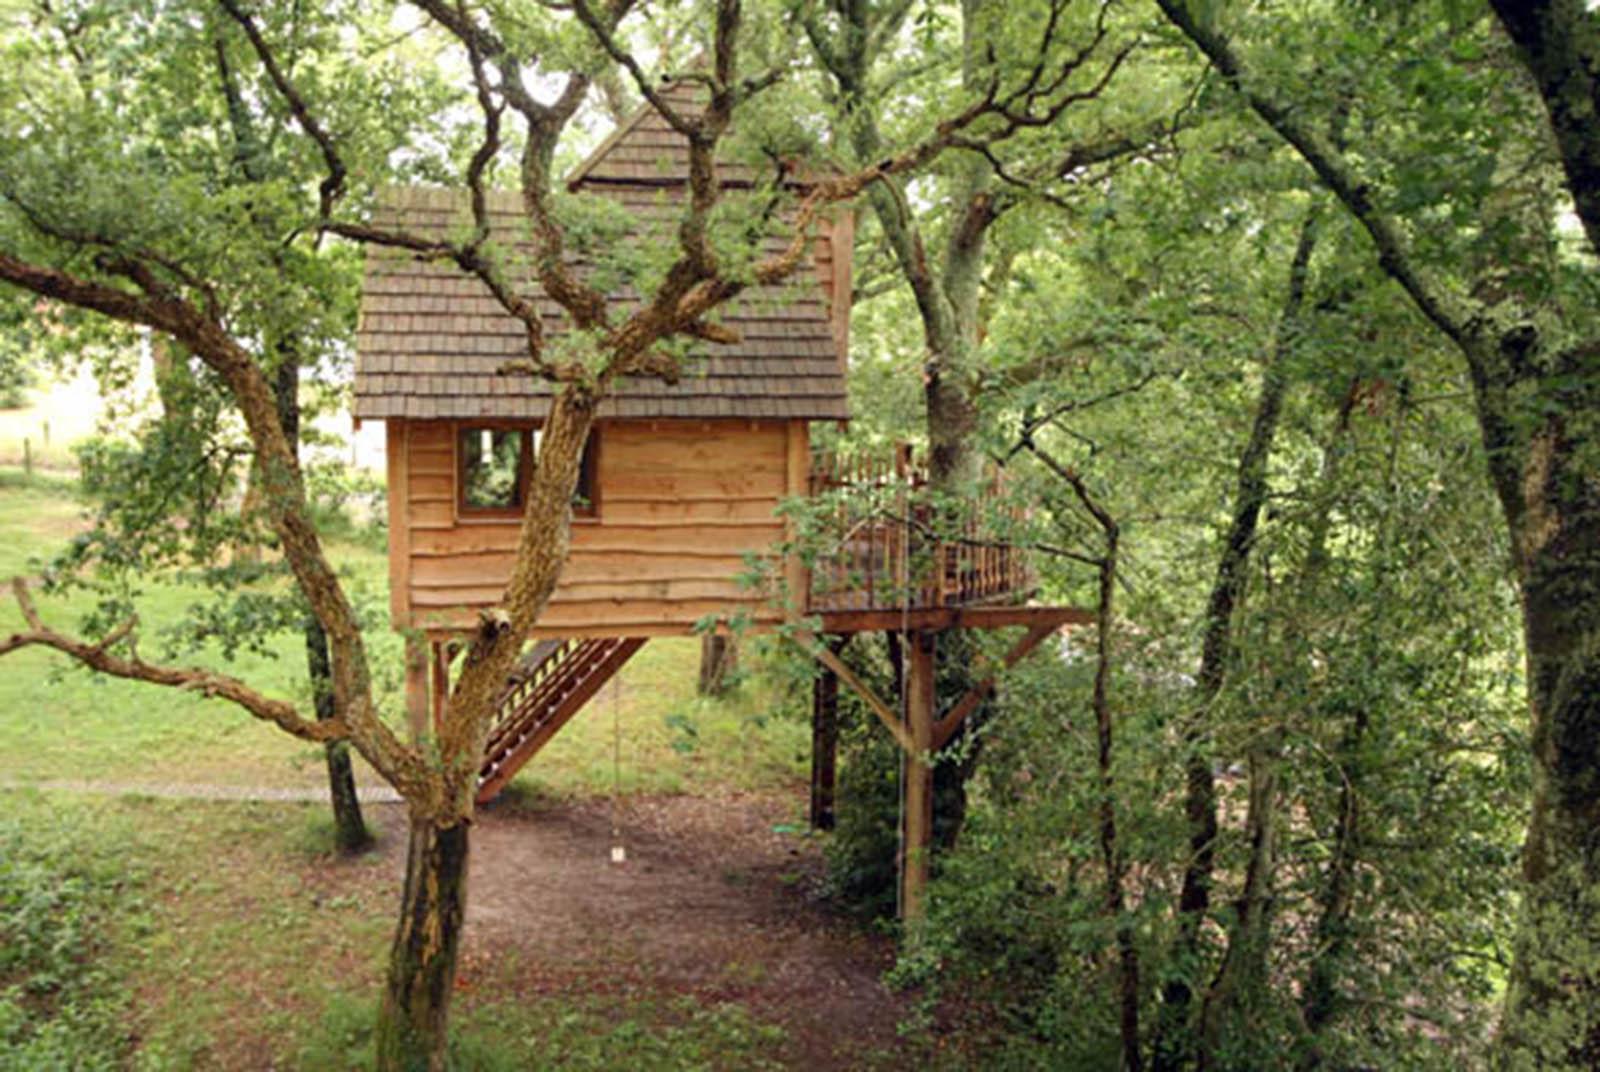 Super Construire une cabane en bois dans les arbres de son jardin - Viving SY14